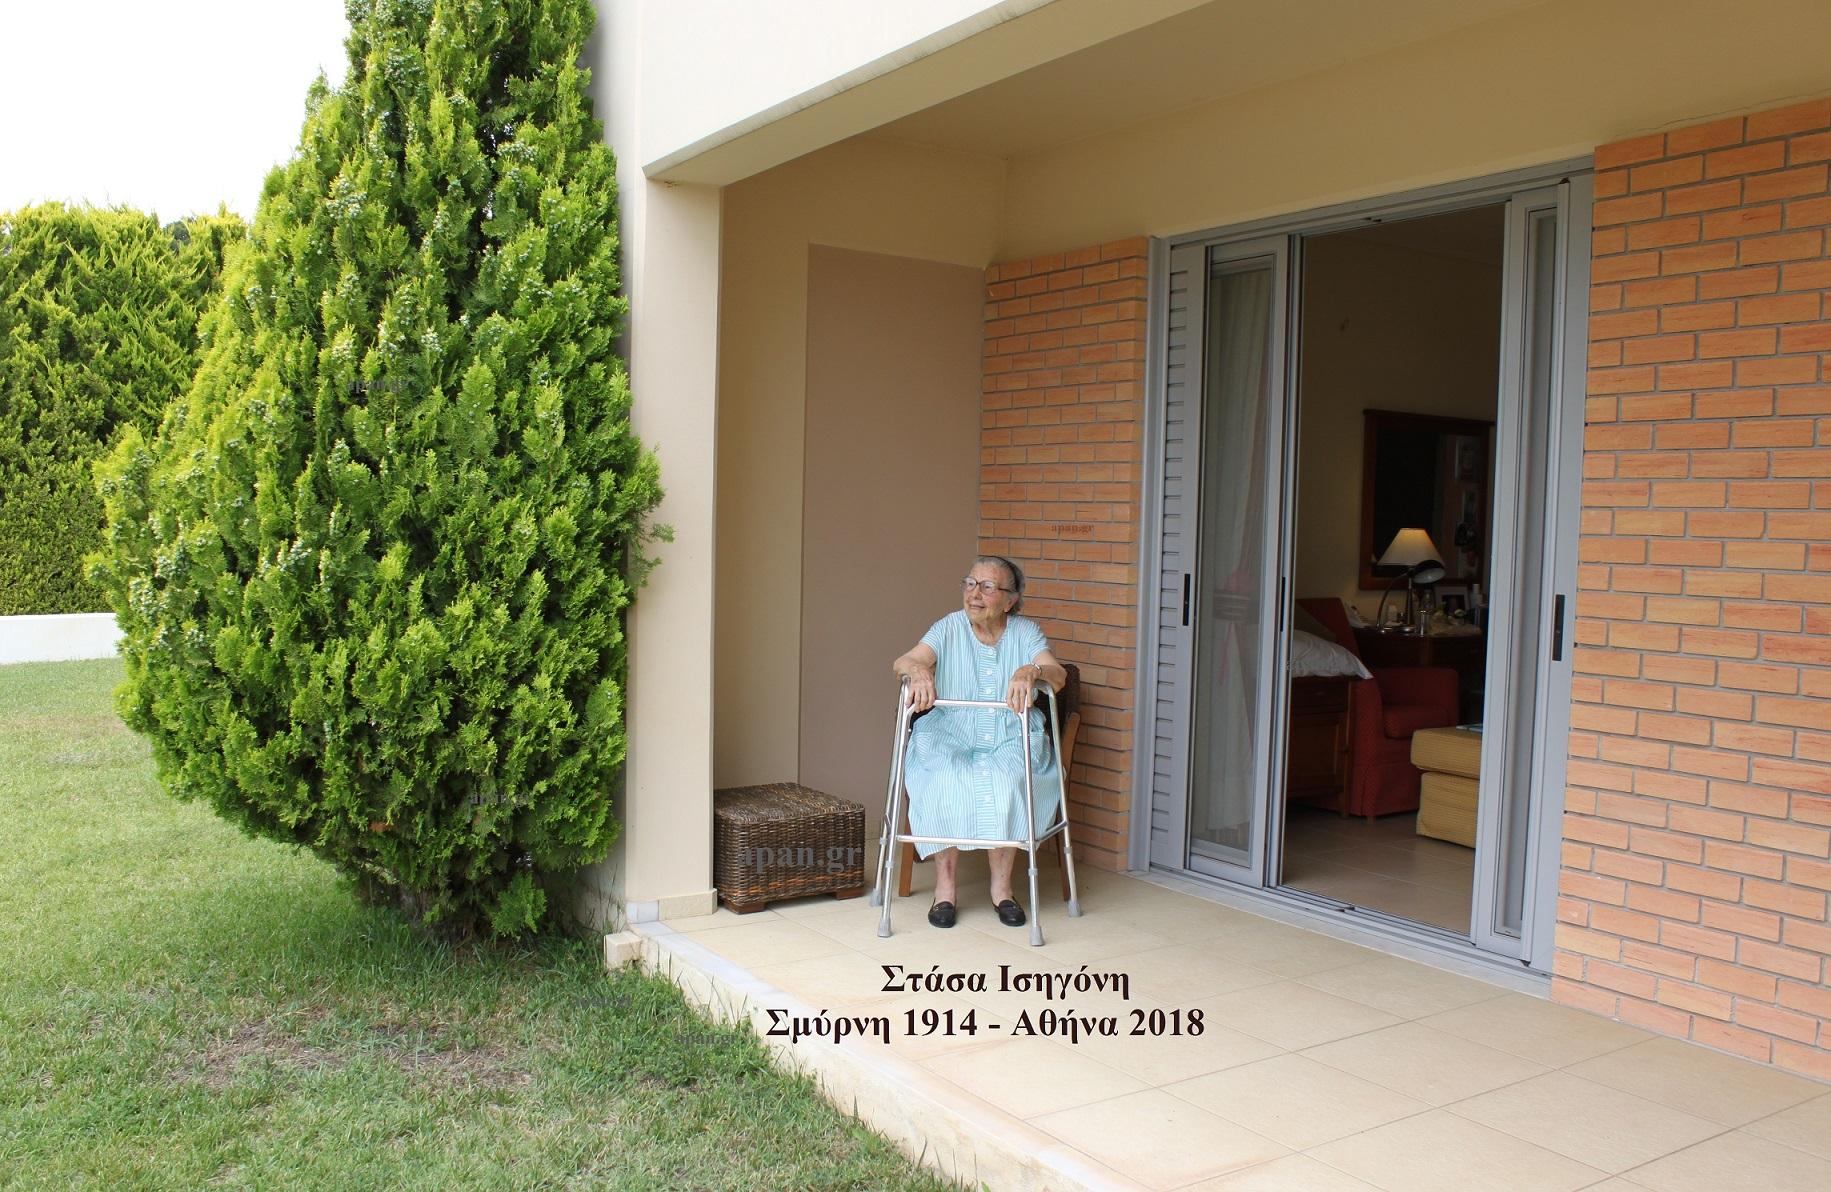 01 ISIGONI panorama